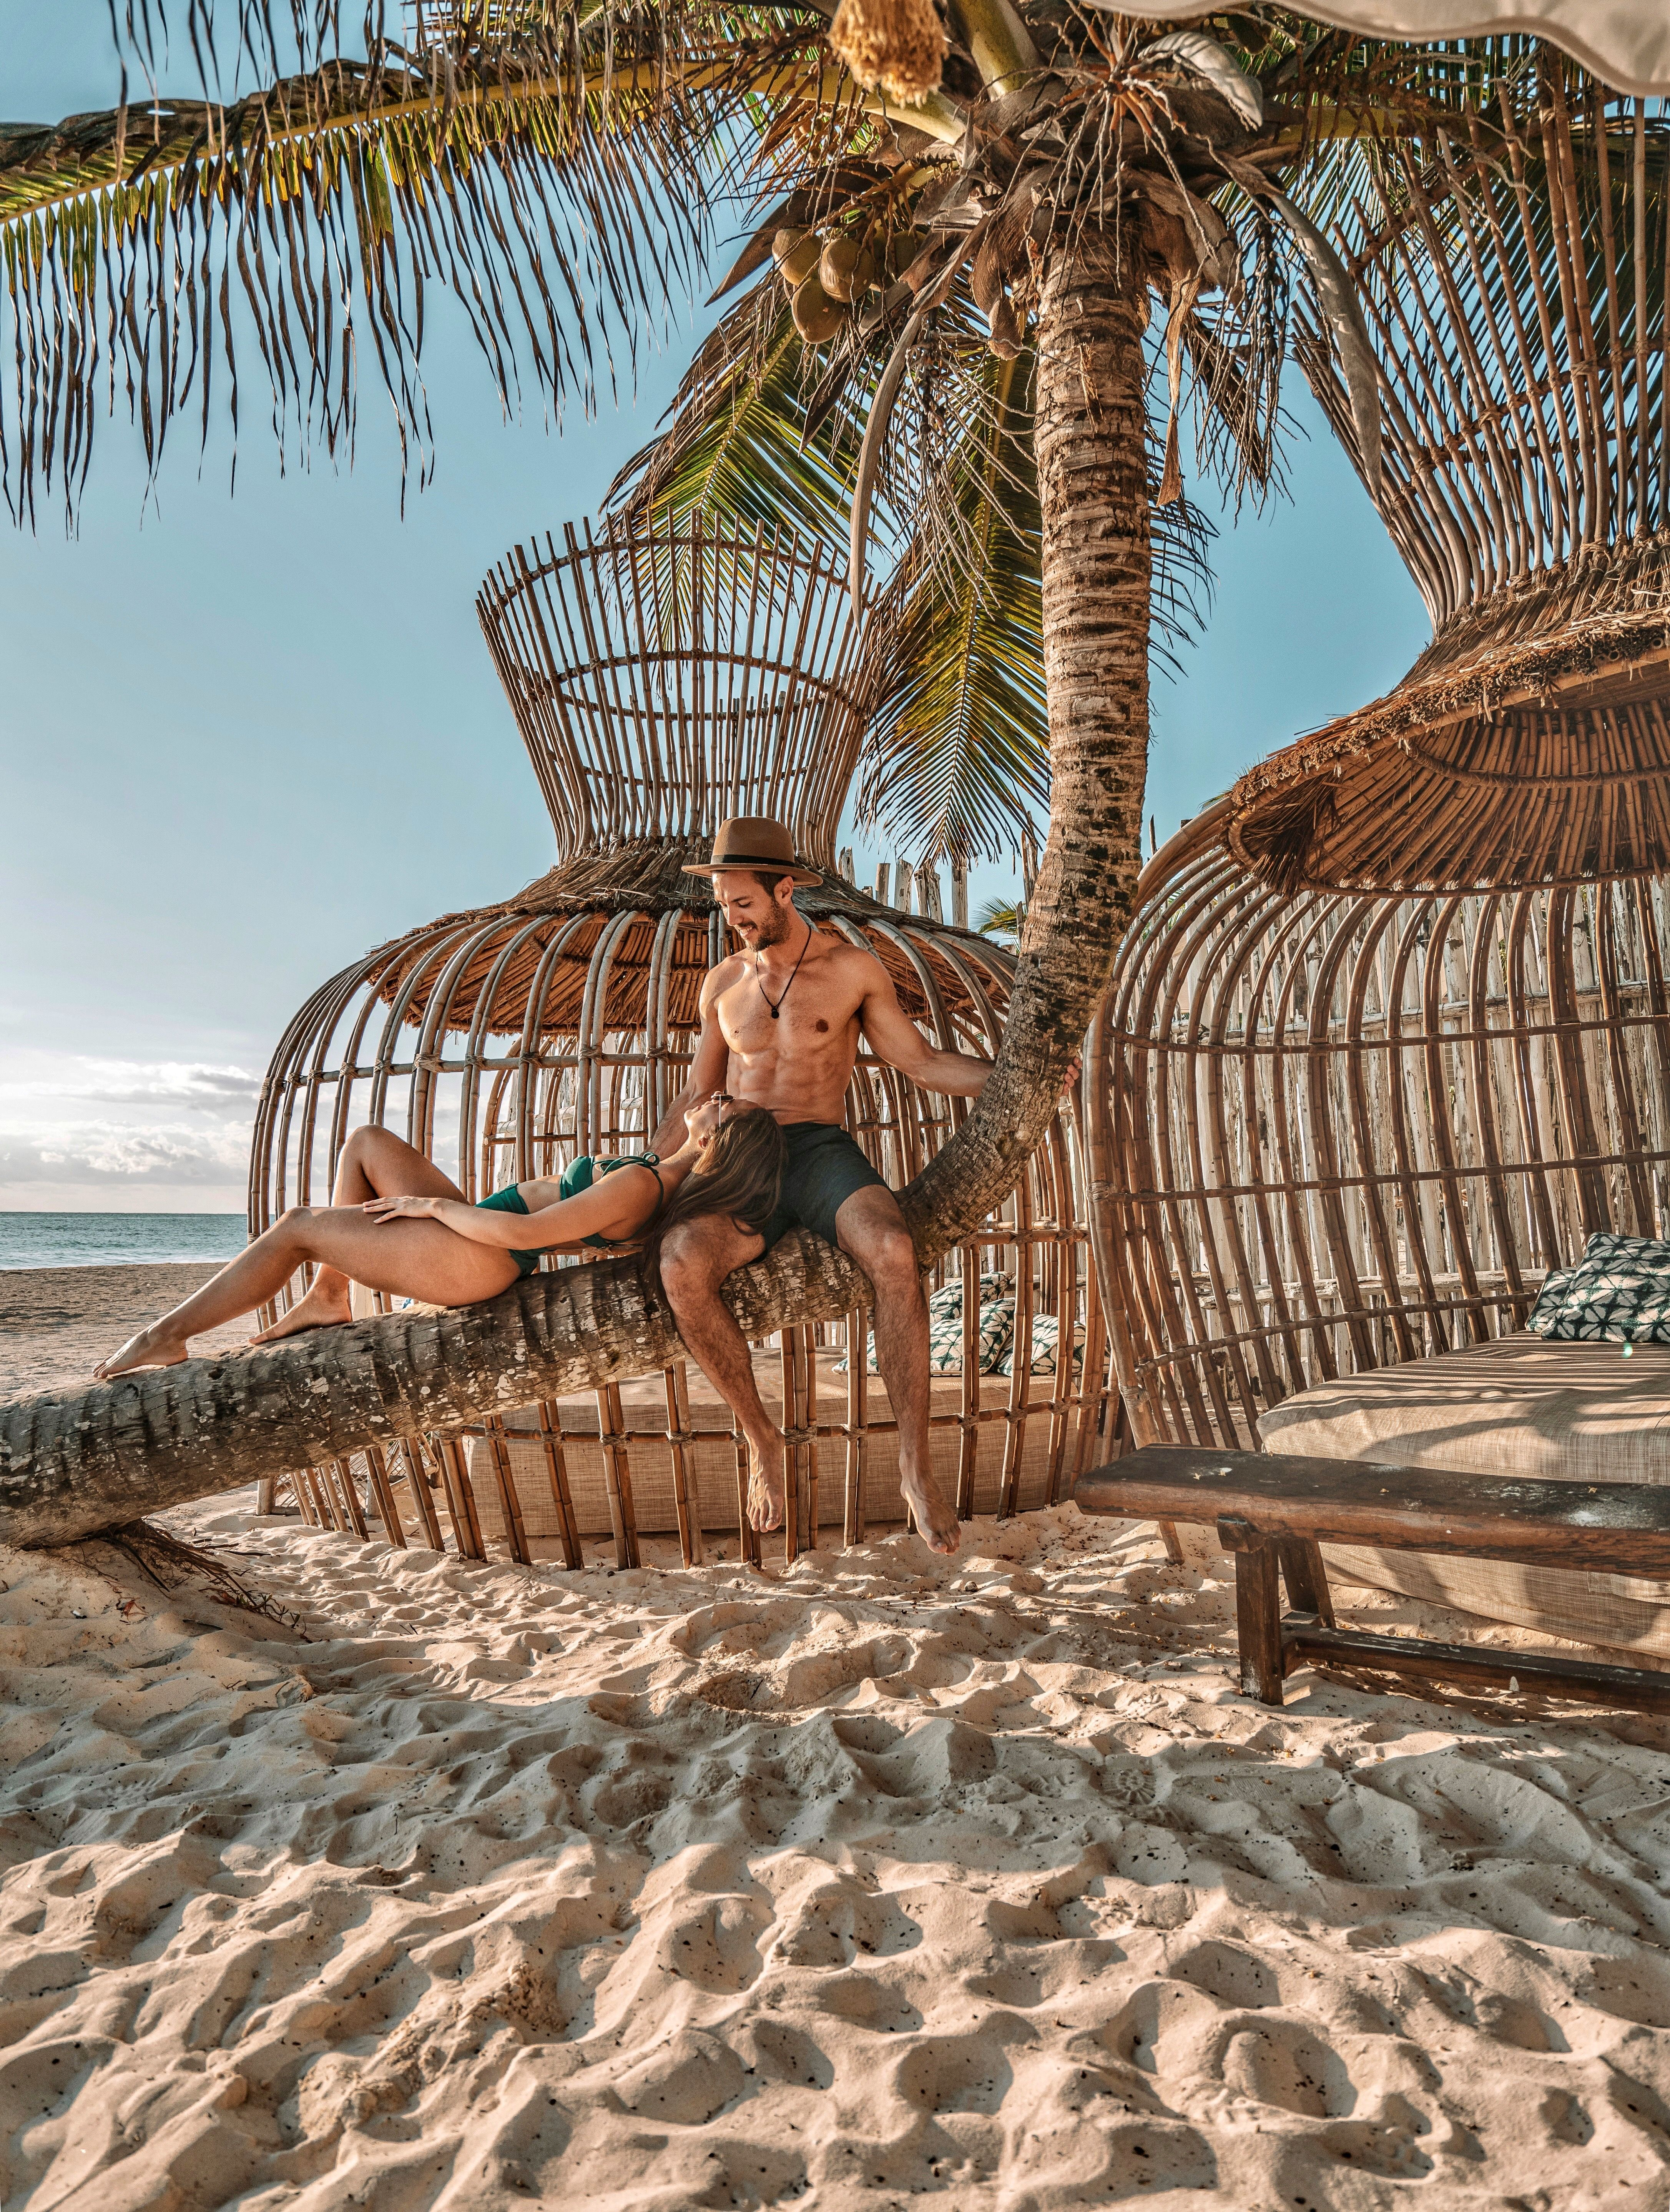 Leaning Palms In Tulum Mexico Tulum Mexico Tulum Travel Travel Aesthetic